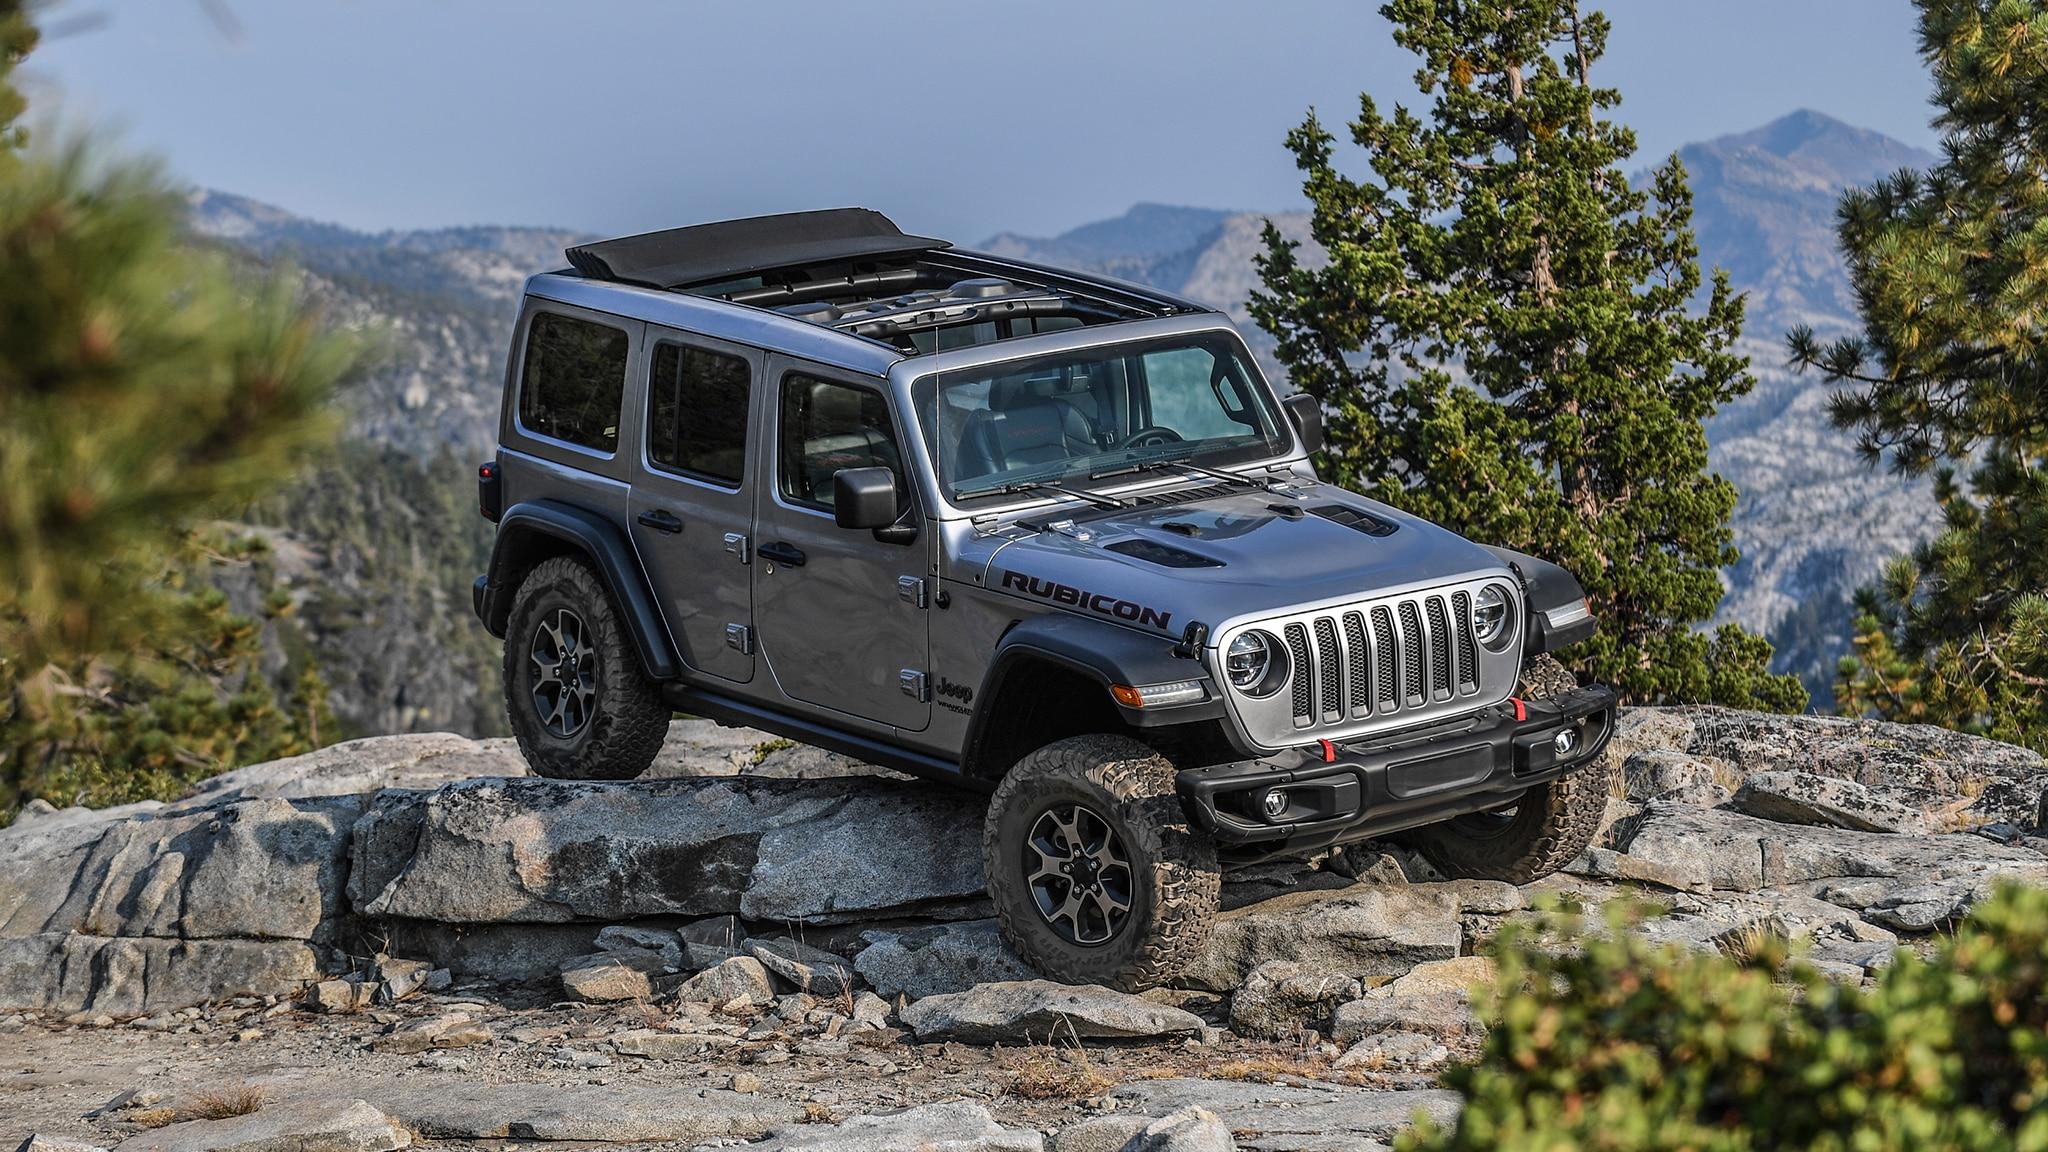 2018 Jeep Wrangler Rubicon 111